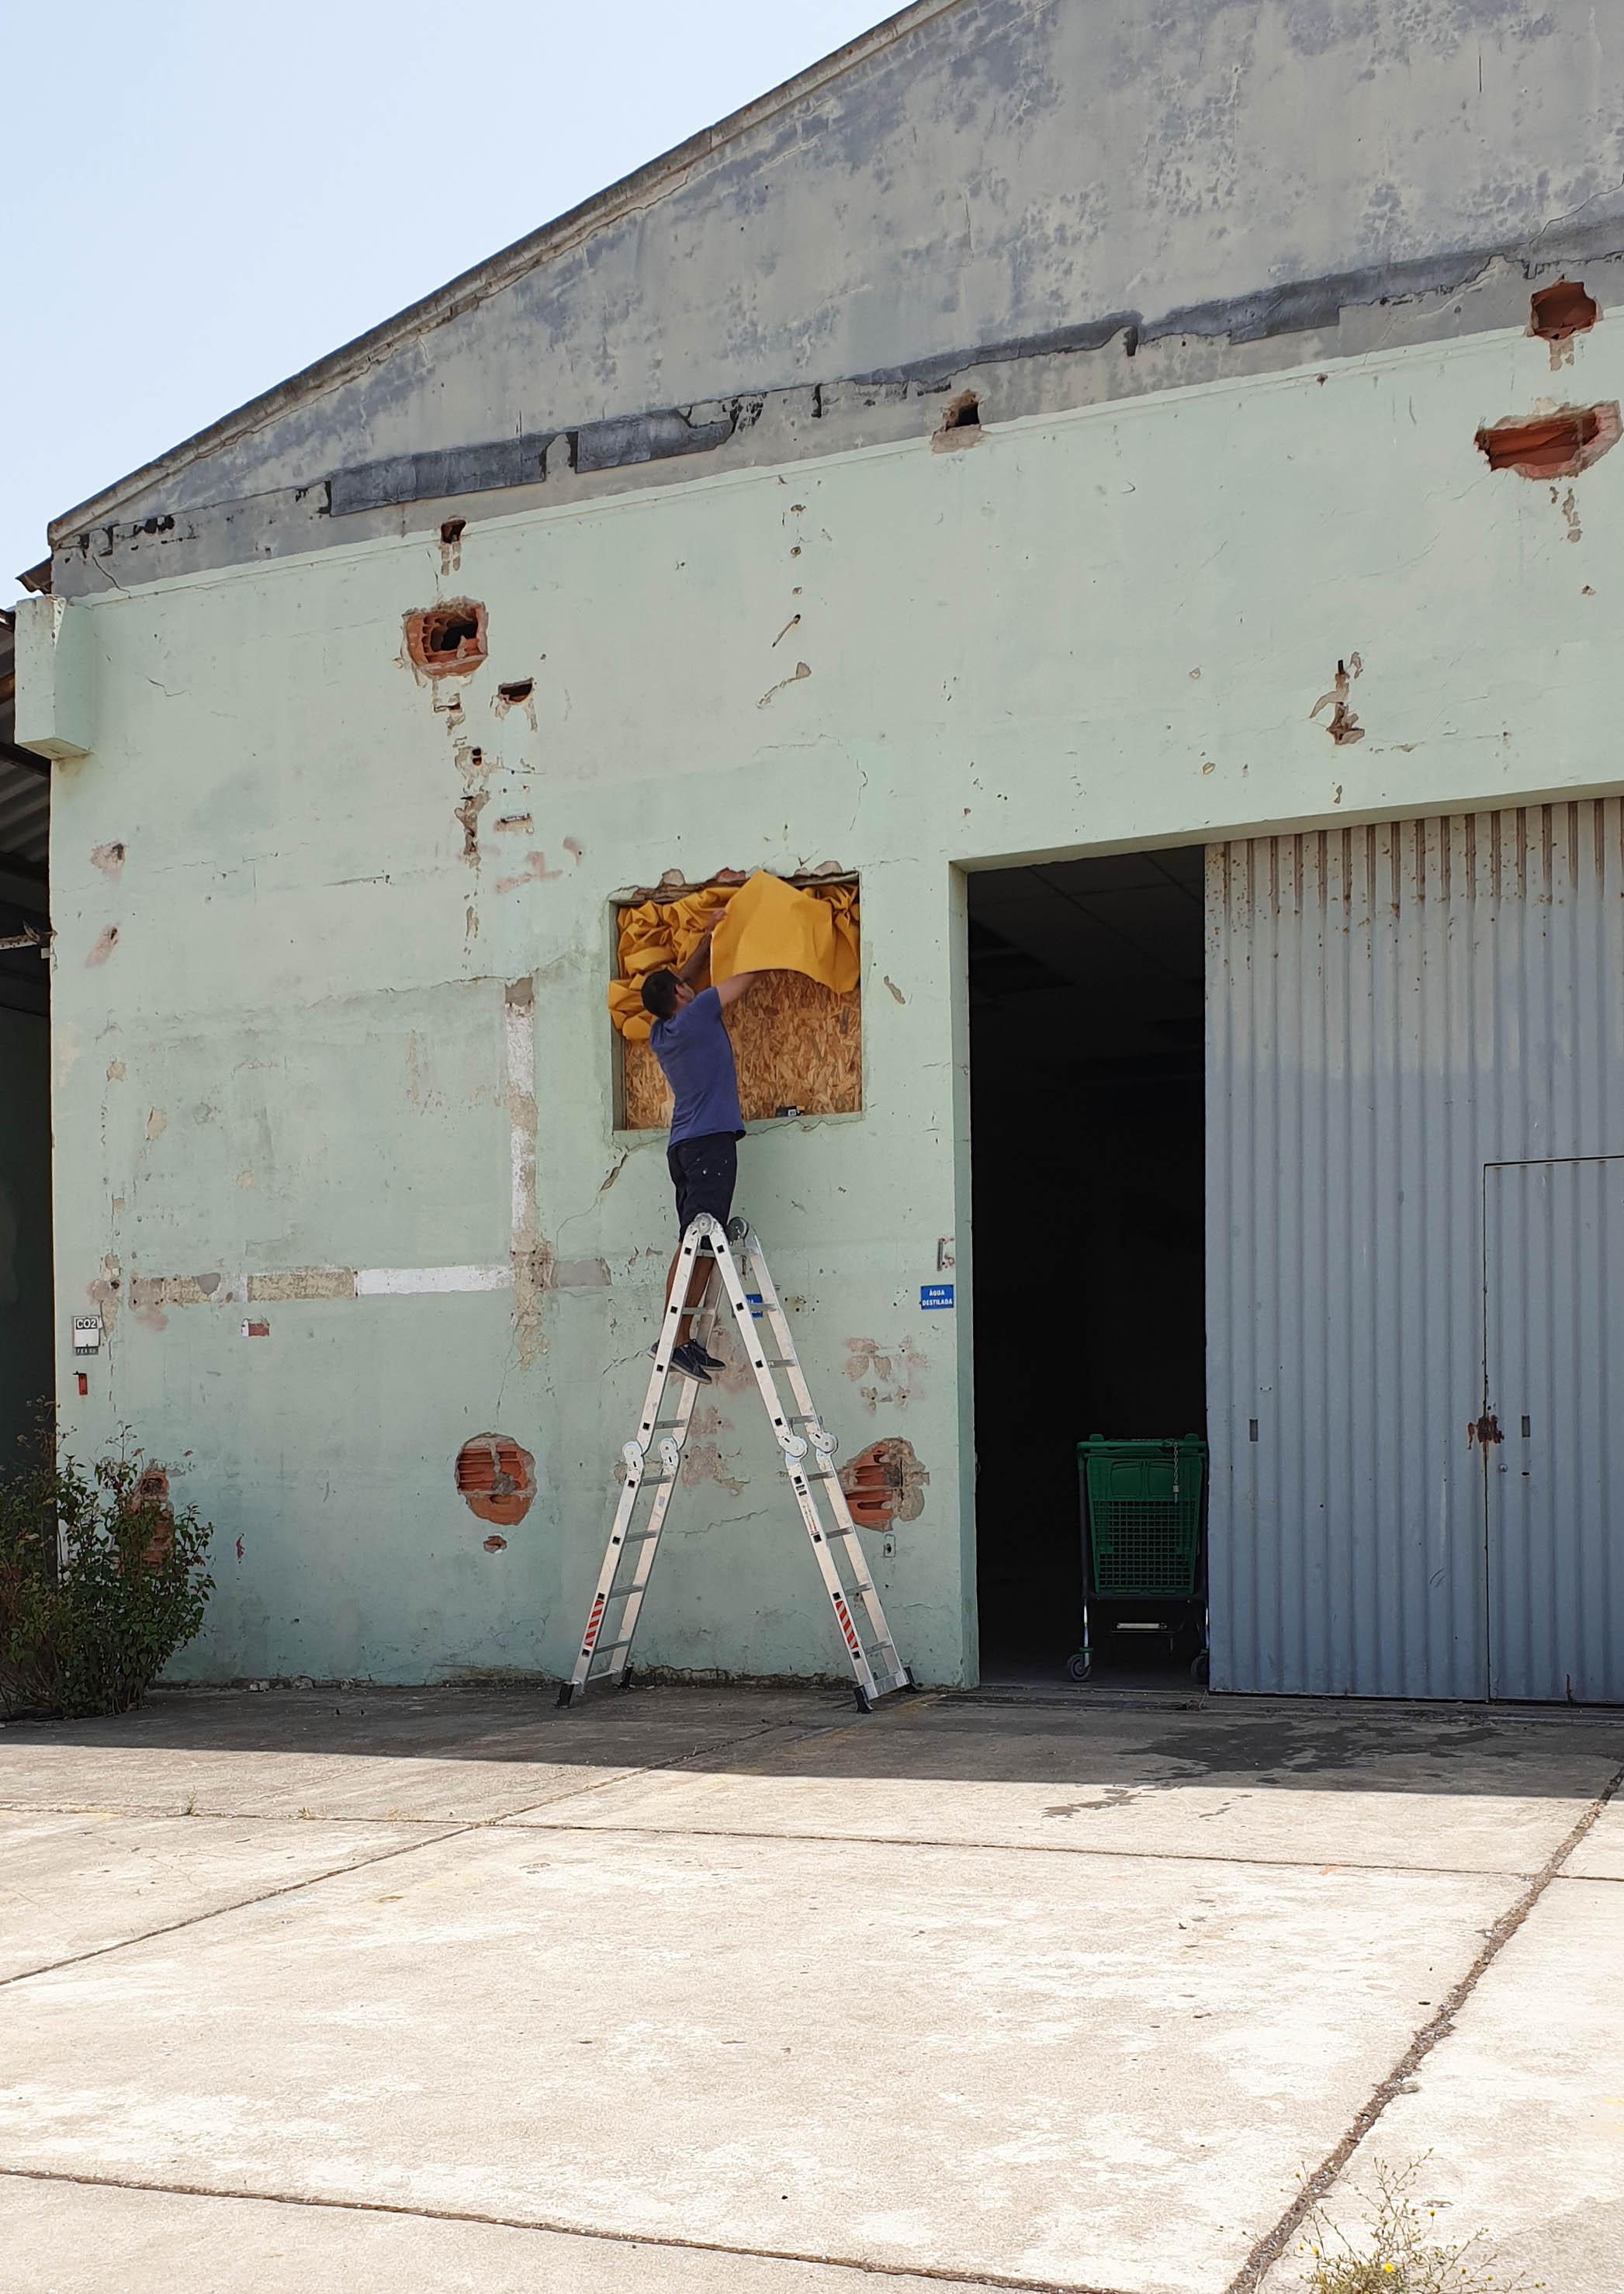 The Old Paint Factory - Barreiro, Portogallo - Luglio 2019